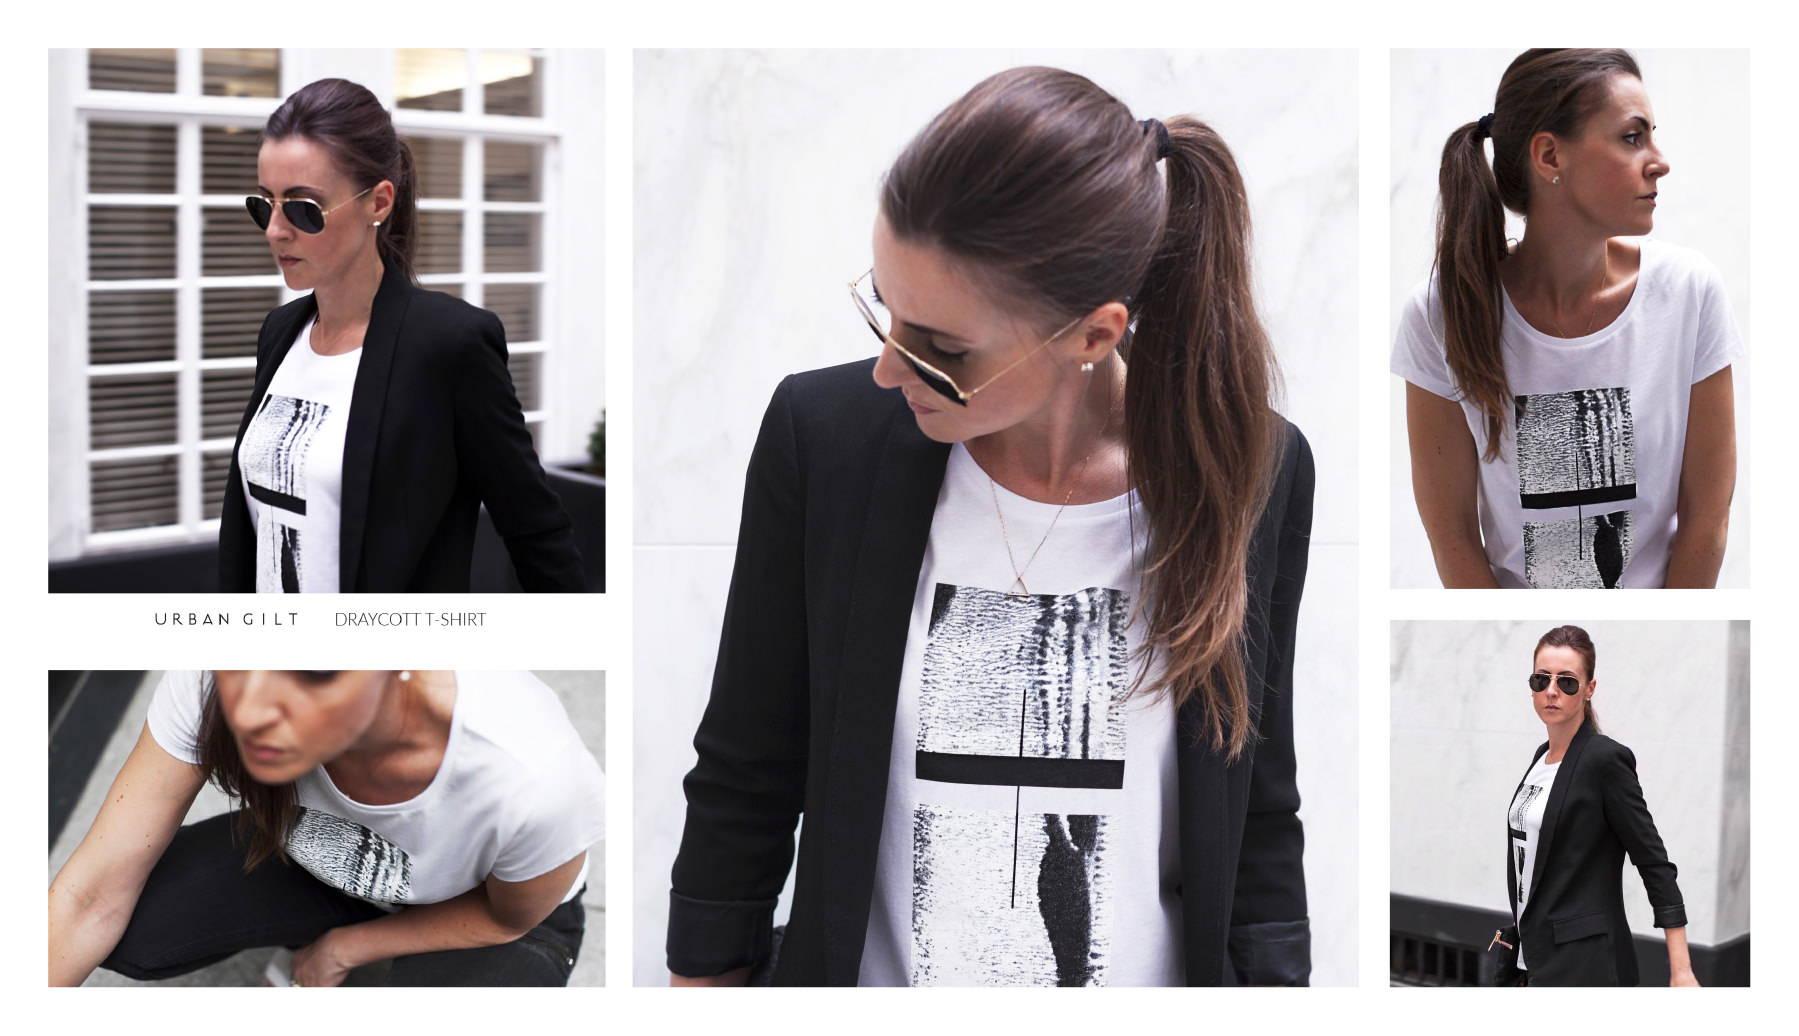 Urban Gilt Lookbook | Uptown Style | Draycott T-shirt